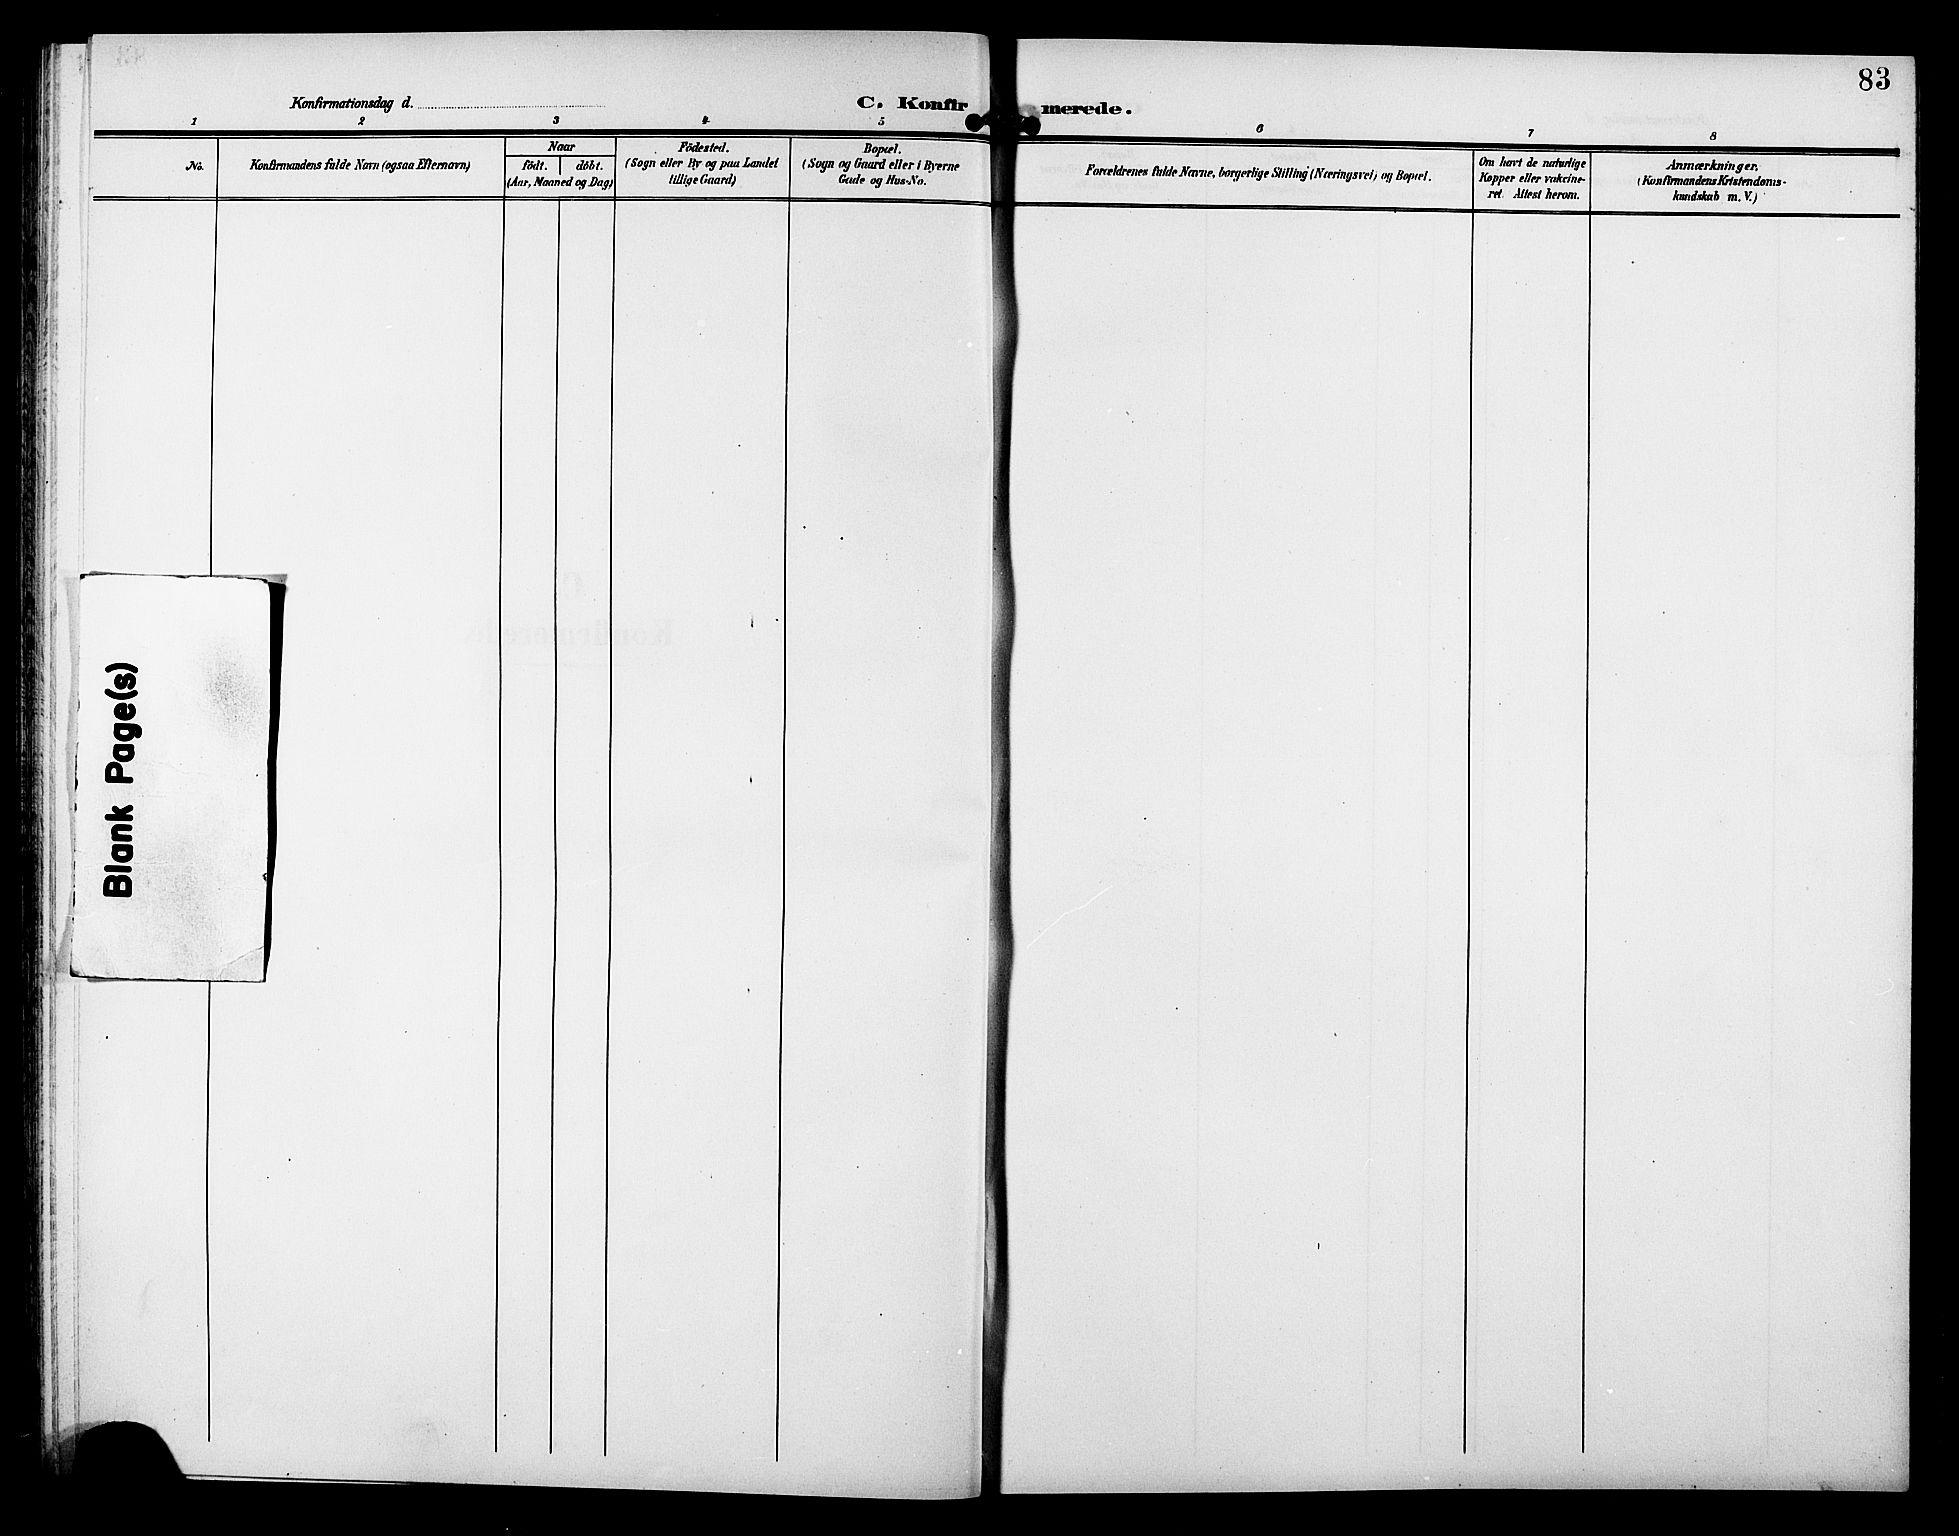 SAT, Ministerialprotokoller, klokkerbøker og fødselsregistre - Sør-Trøndelag, 633/L0520: Klokkerbok nr. 633C02, 1906-1921, s. 83